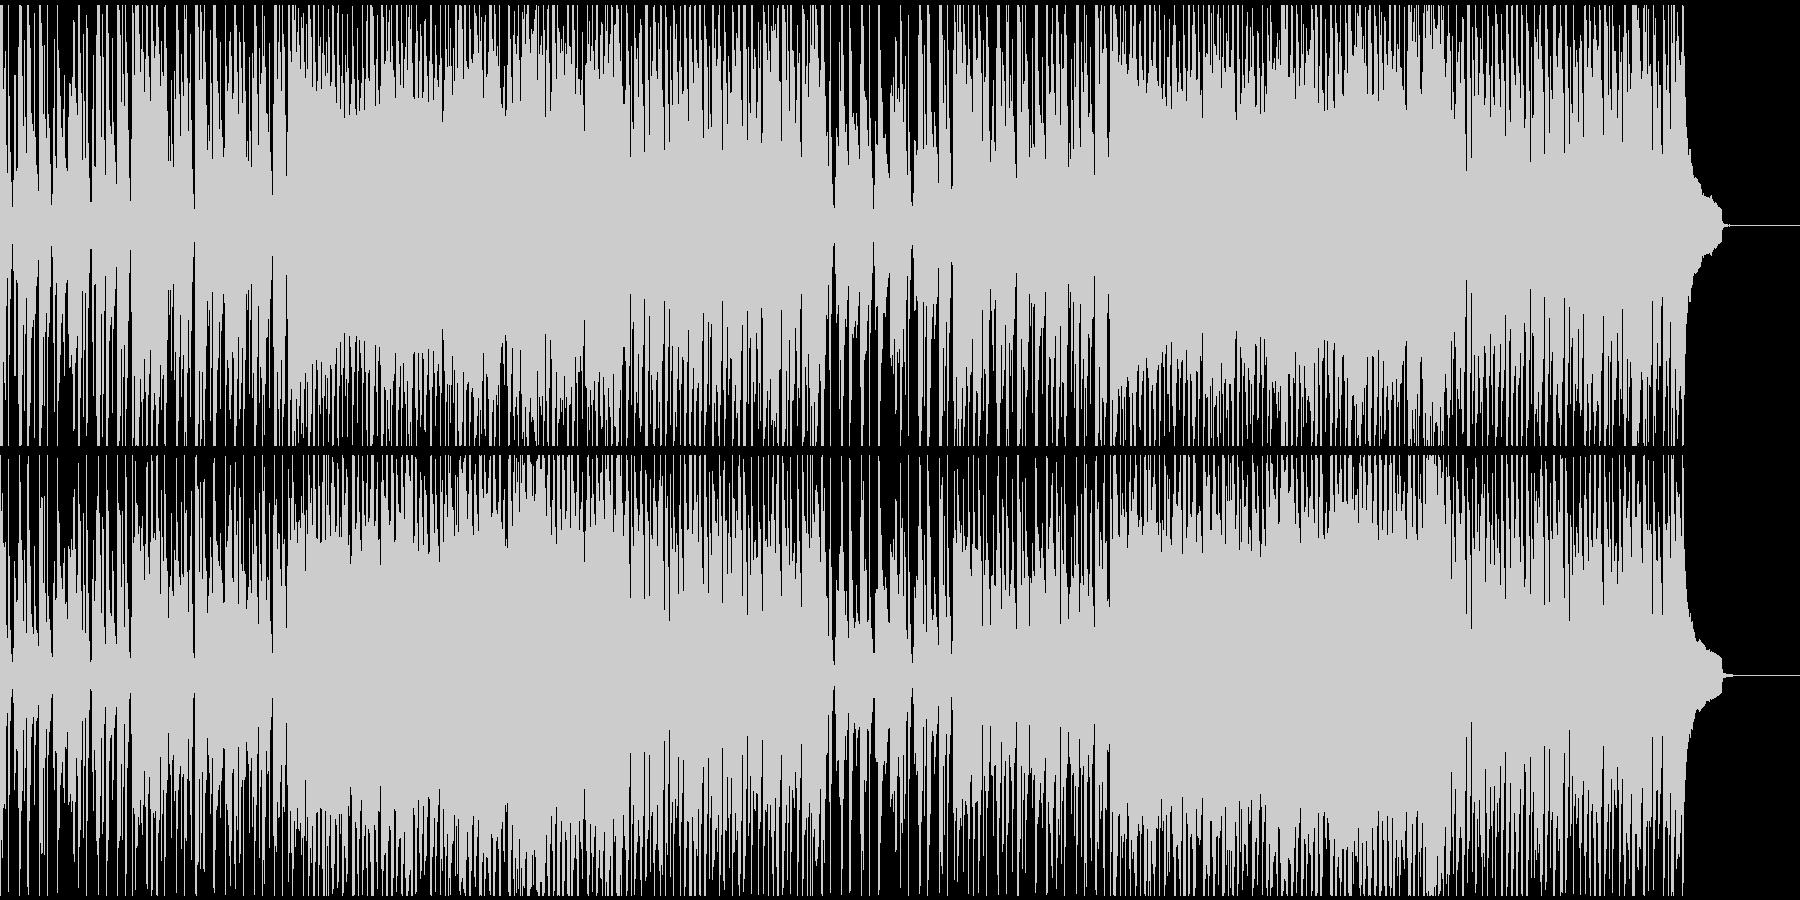 ピアノとストリングスのミュージカルソングの未再生の波形